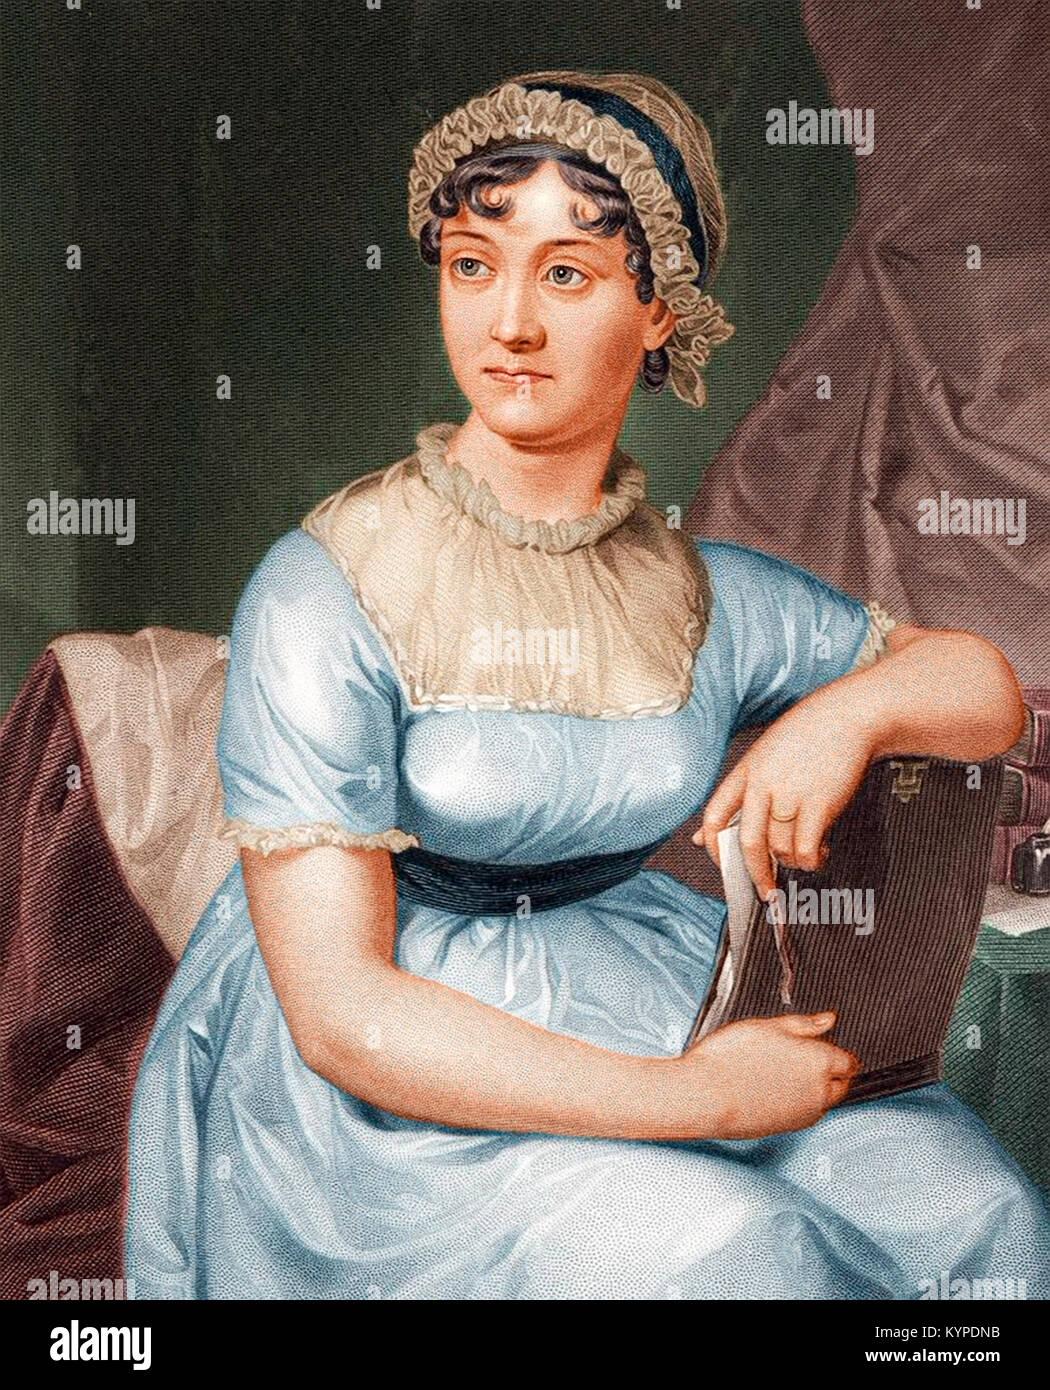 Jane Austen (1775-1817). Un grabado de color después de un retrato de familia, publicado en 1873. Imagen De Stock